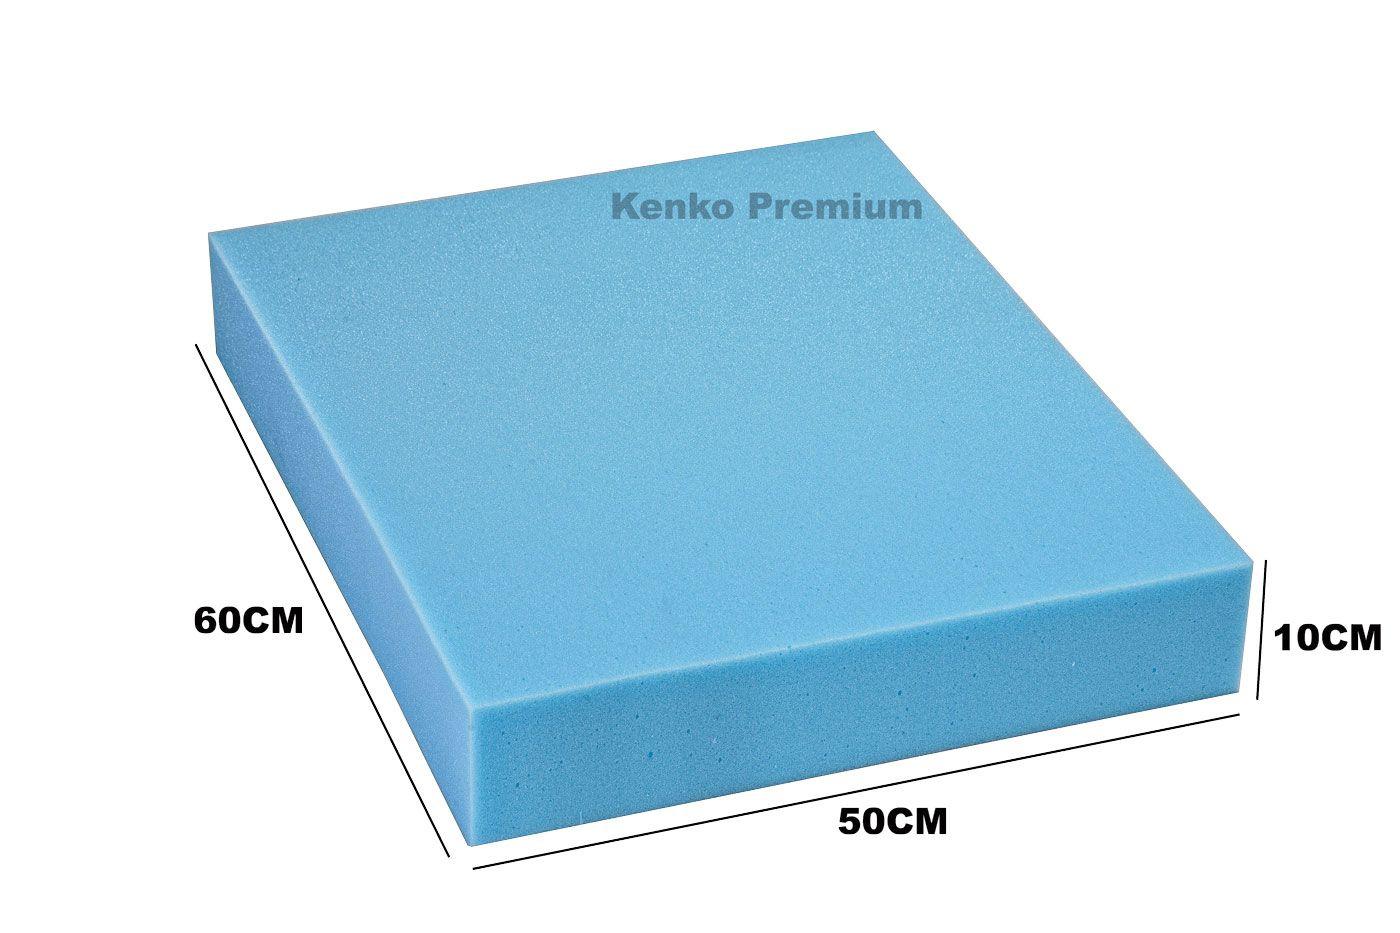 Peça de Espuma Estofado Sofá 50cm x 60cm X 10cm D28 Kenko Premium  - Kenko Premium Colchões